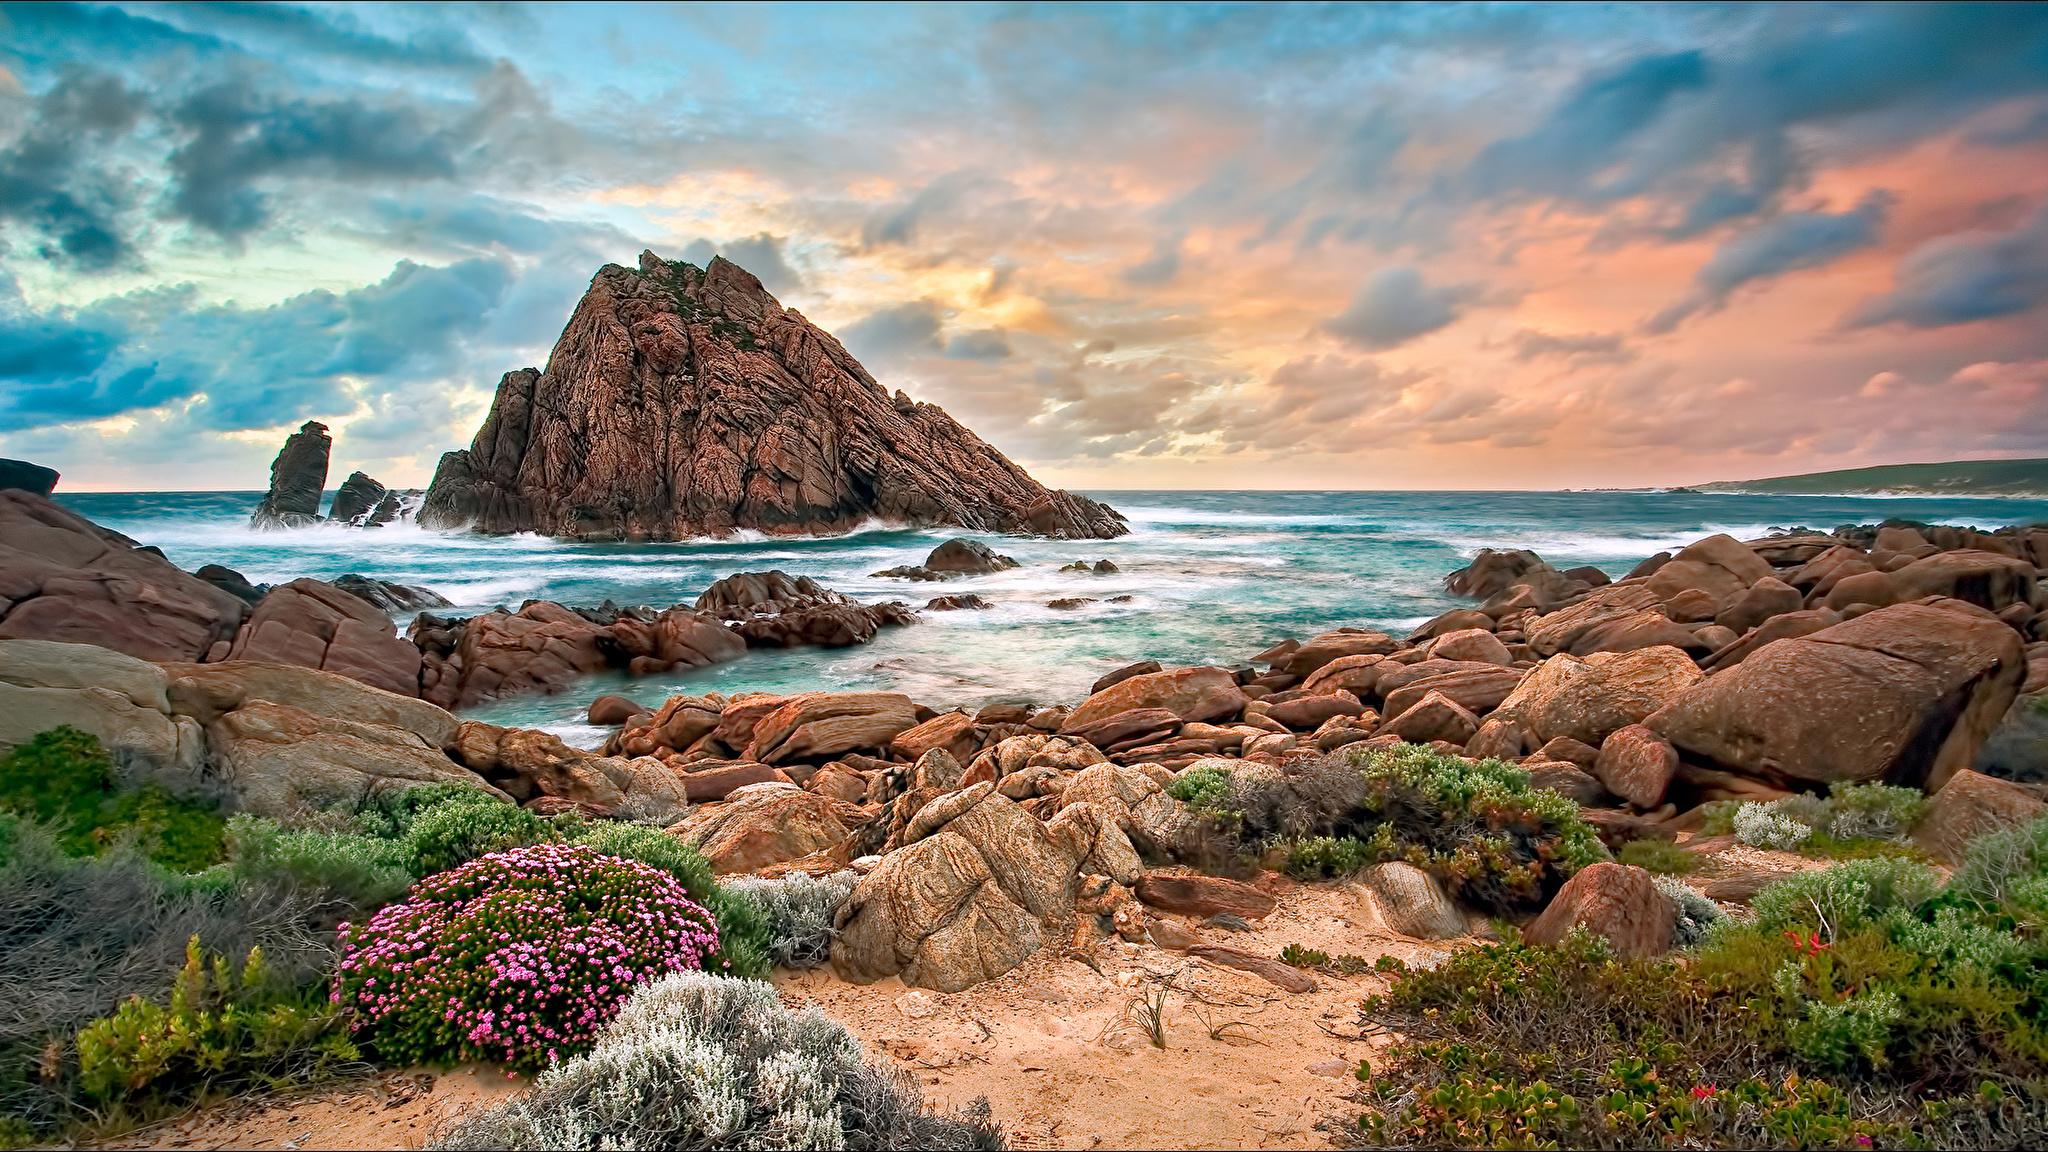 Скалы море природа скачать